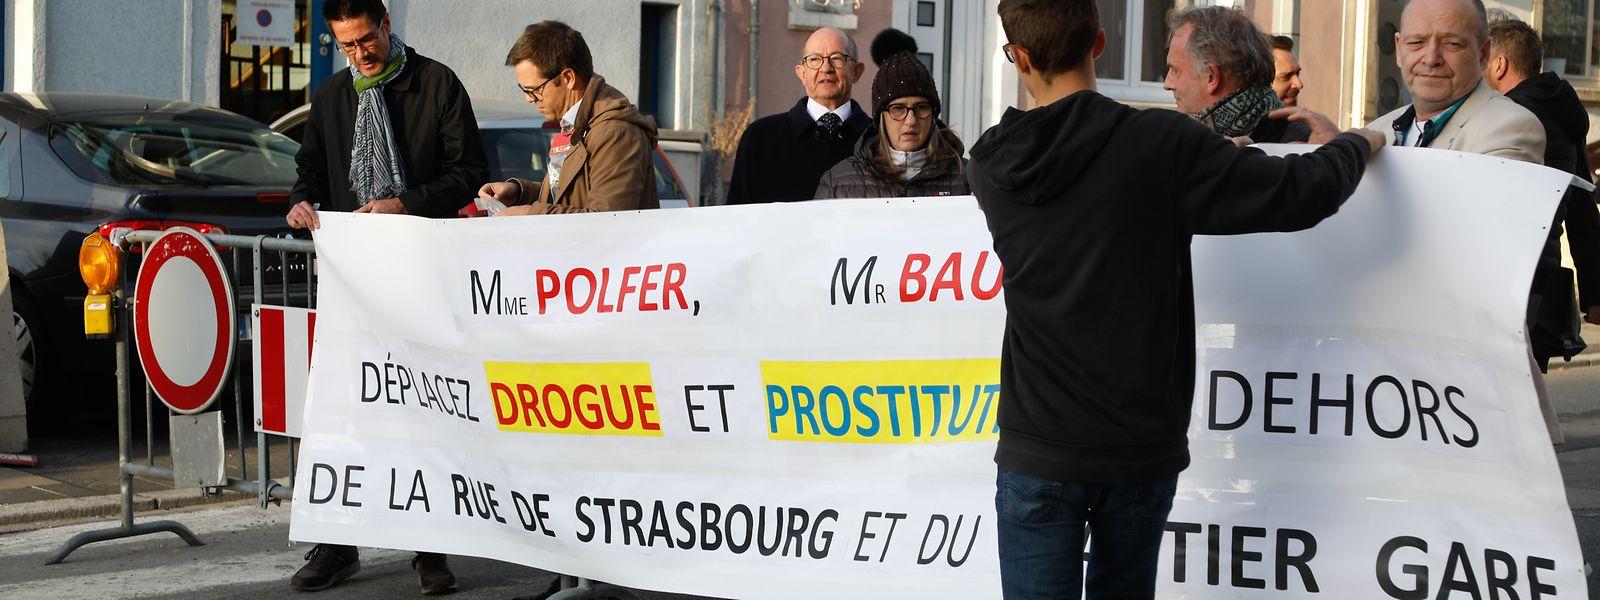 Am Freitag blockierten circa 80 Einwohner die Rue de Strasbourg.